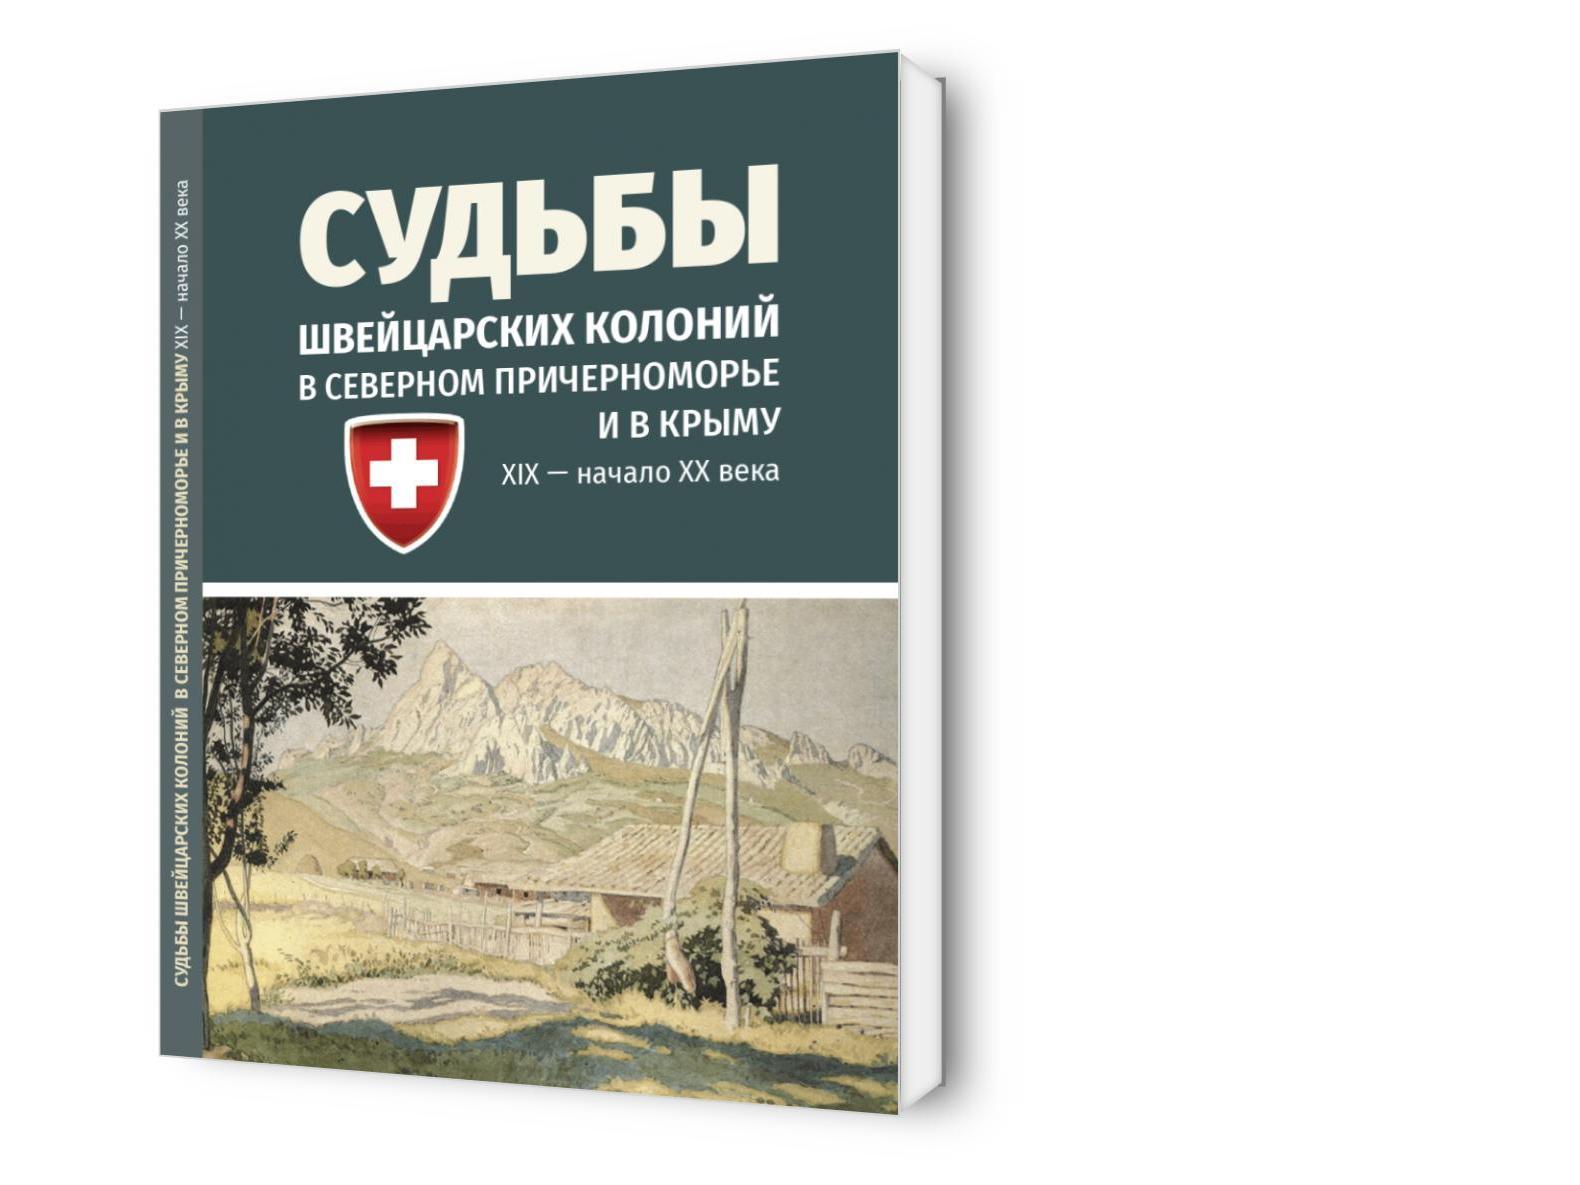 Les destinées des colonies suisses de la mer Noire aux XIXe-XXe siècles